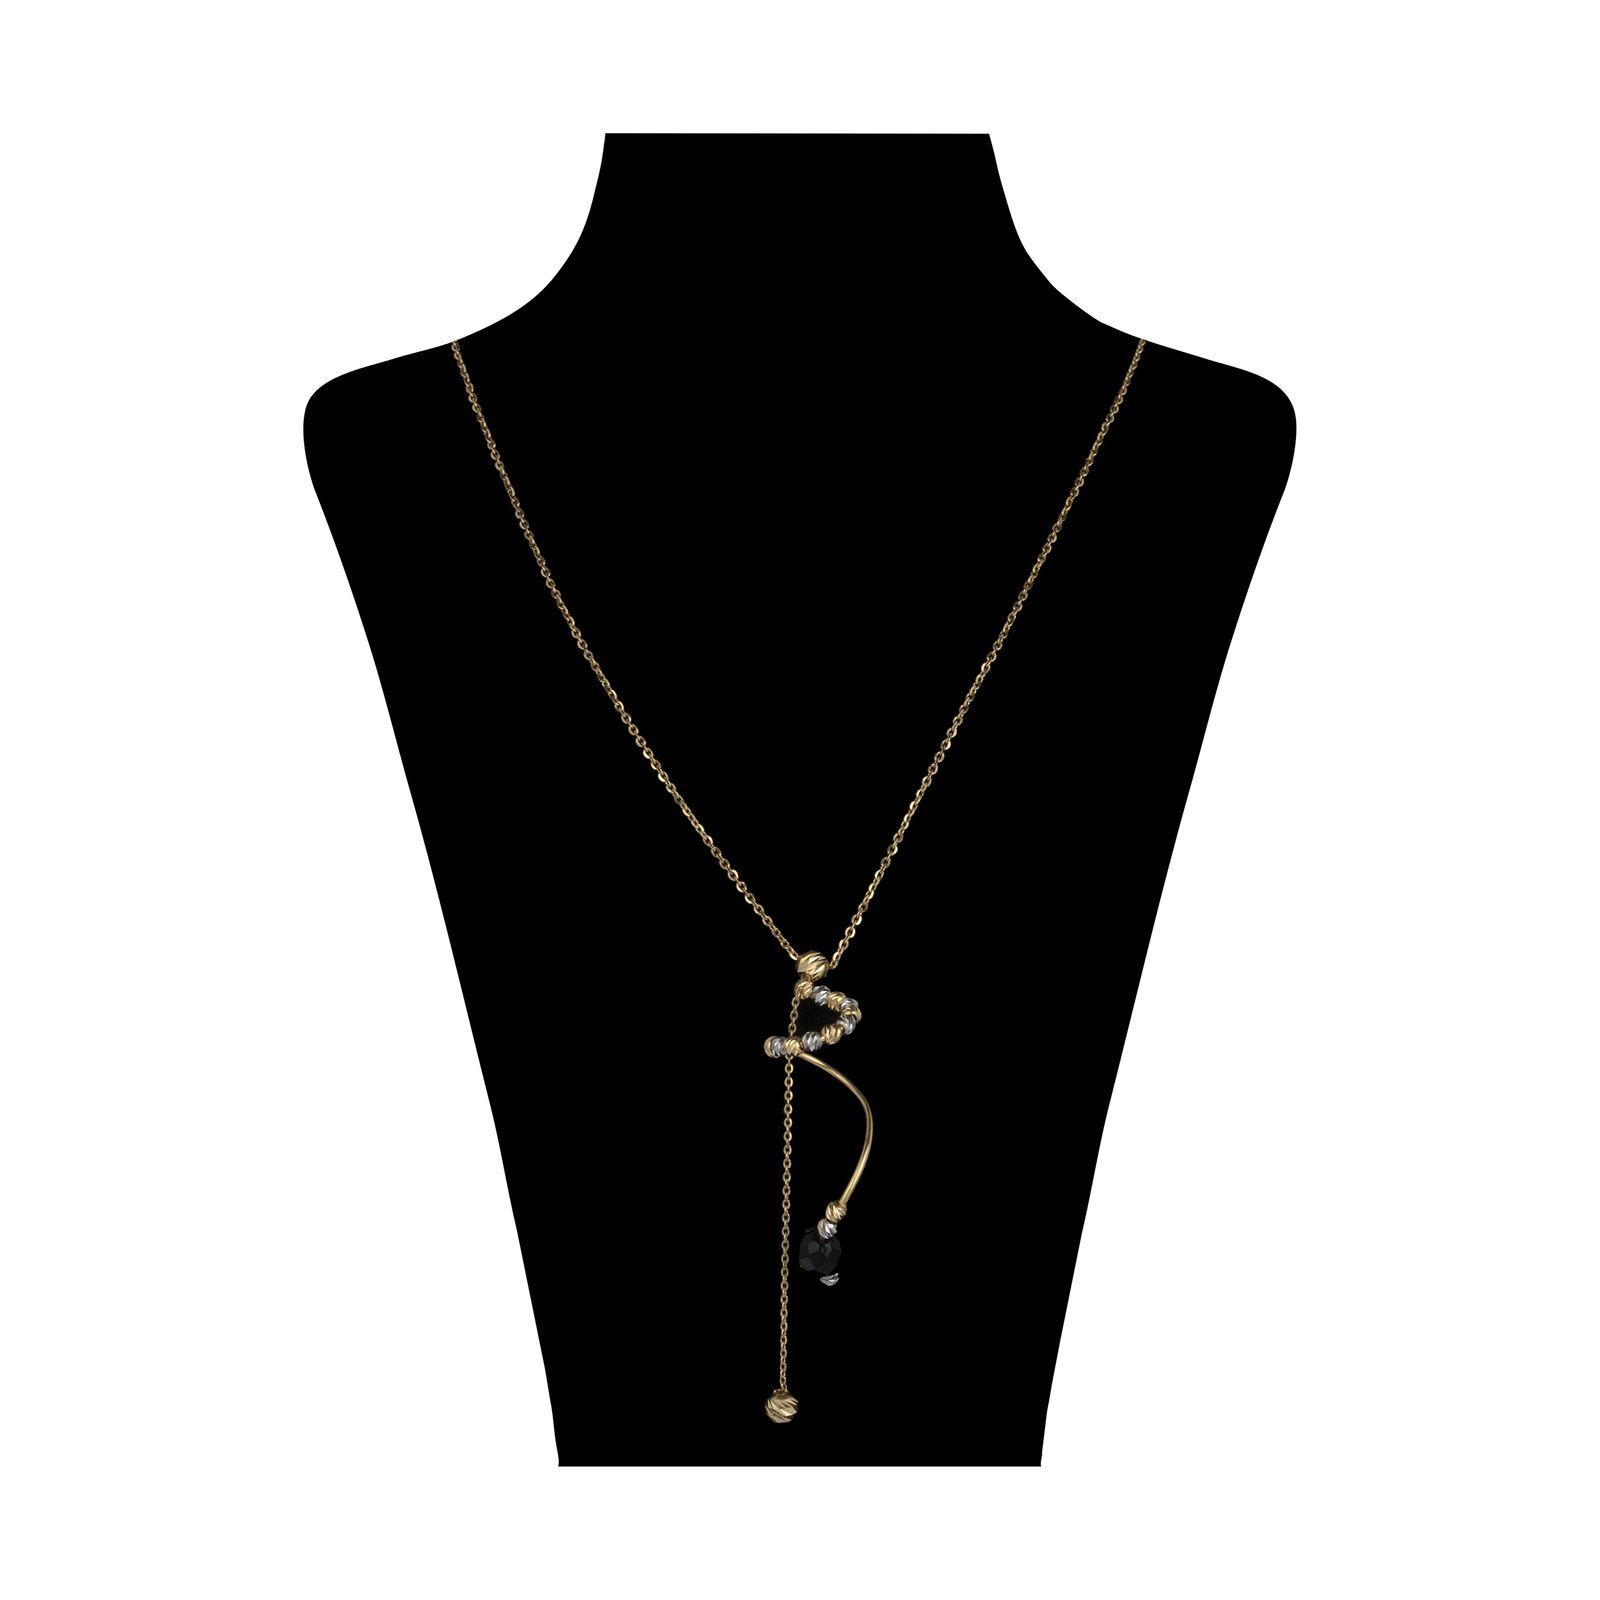 گردنبند طلا 18 عیار زنانه سیودو مدل 145719 -  - 2